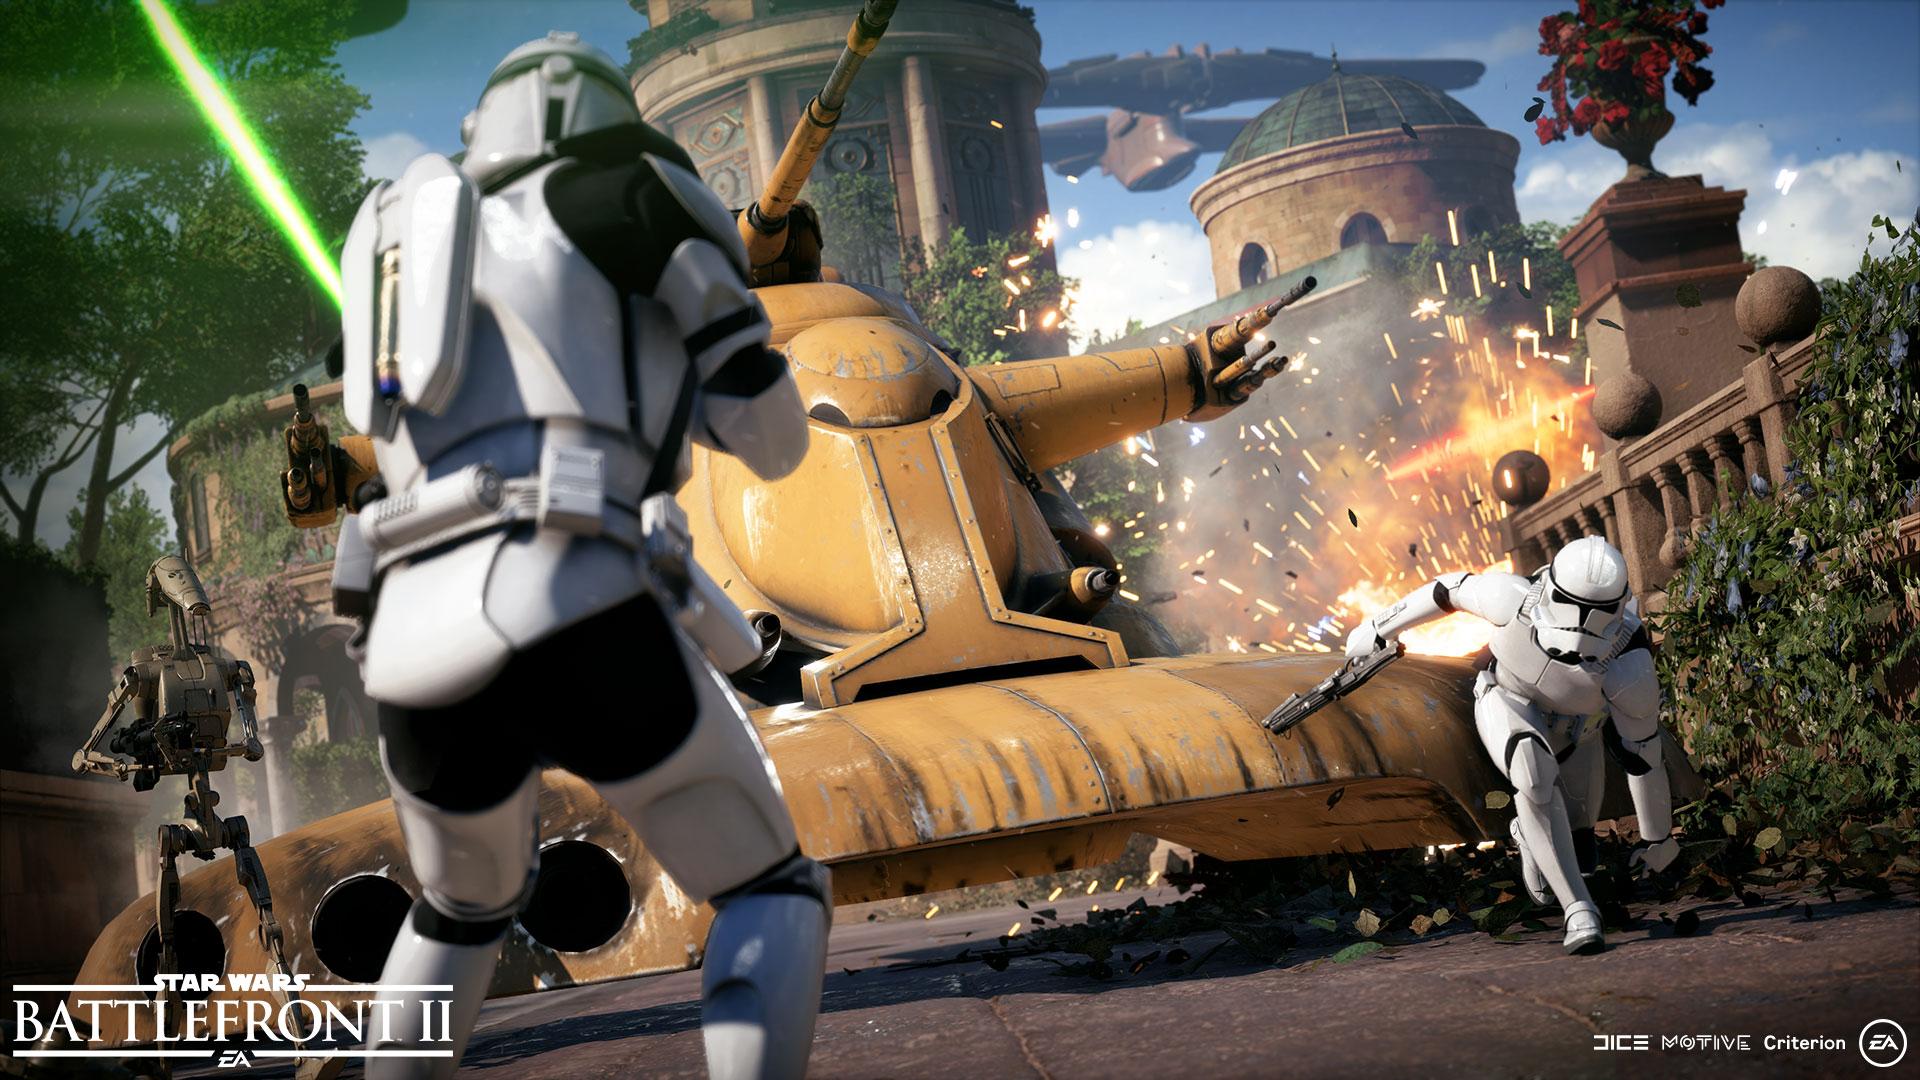 """Das war wohl nix: Mit """"Battlefront 2"""" hat Electronic Arts sein persönliches """"Star Wars""""-Waterloo erlebt. Seitdem ist das Vertrauen von Disney beziehungsweise Lucasfilm in den Hersteller geschwächt."""